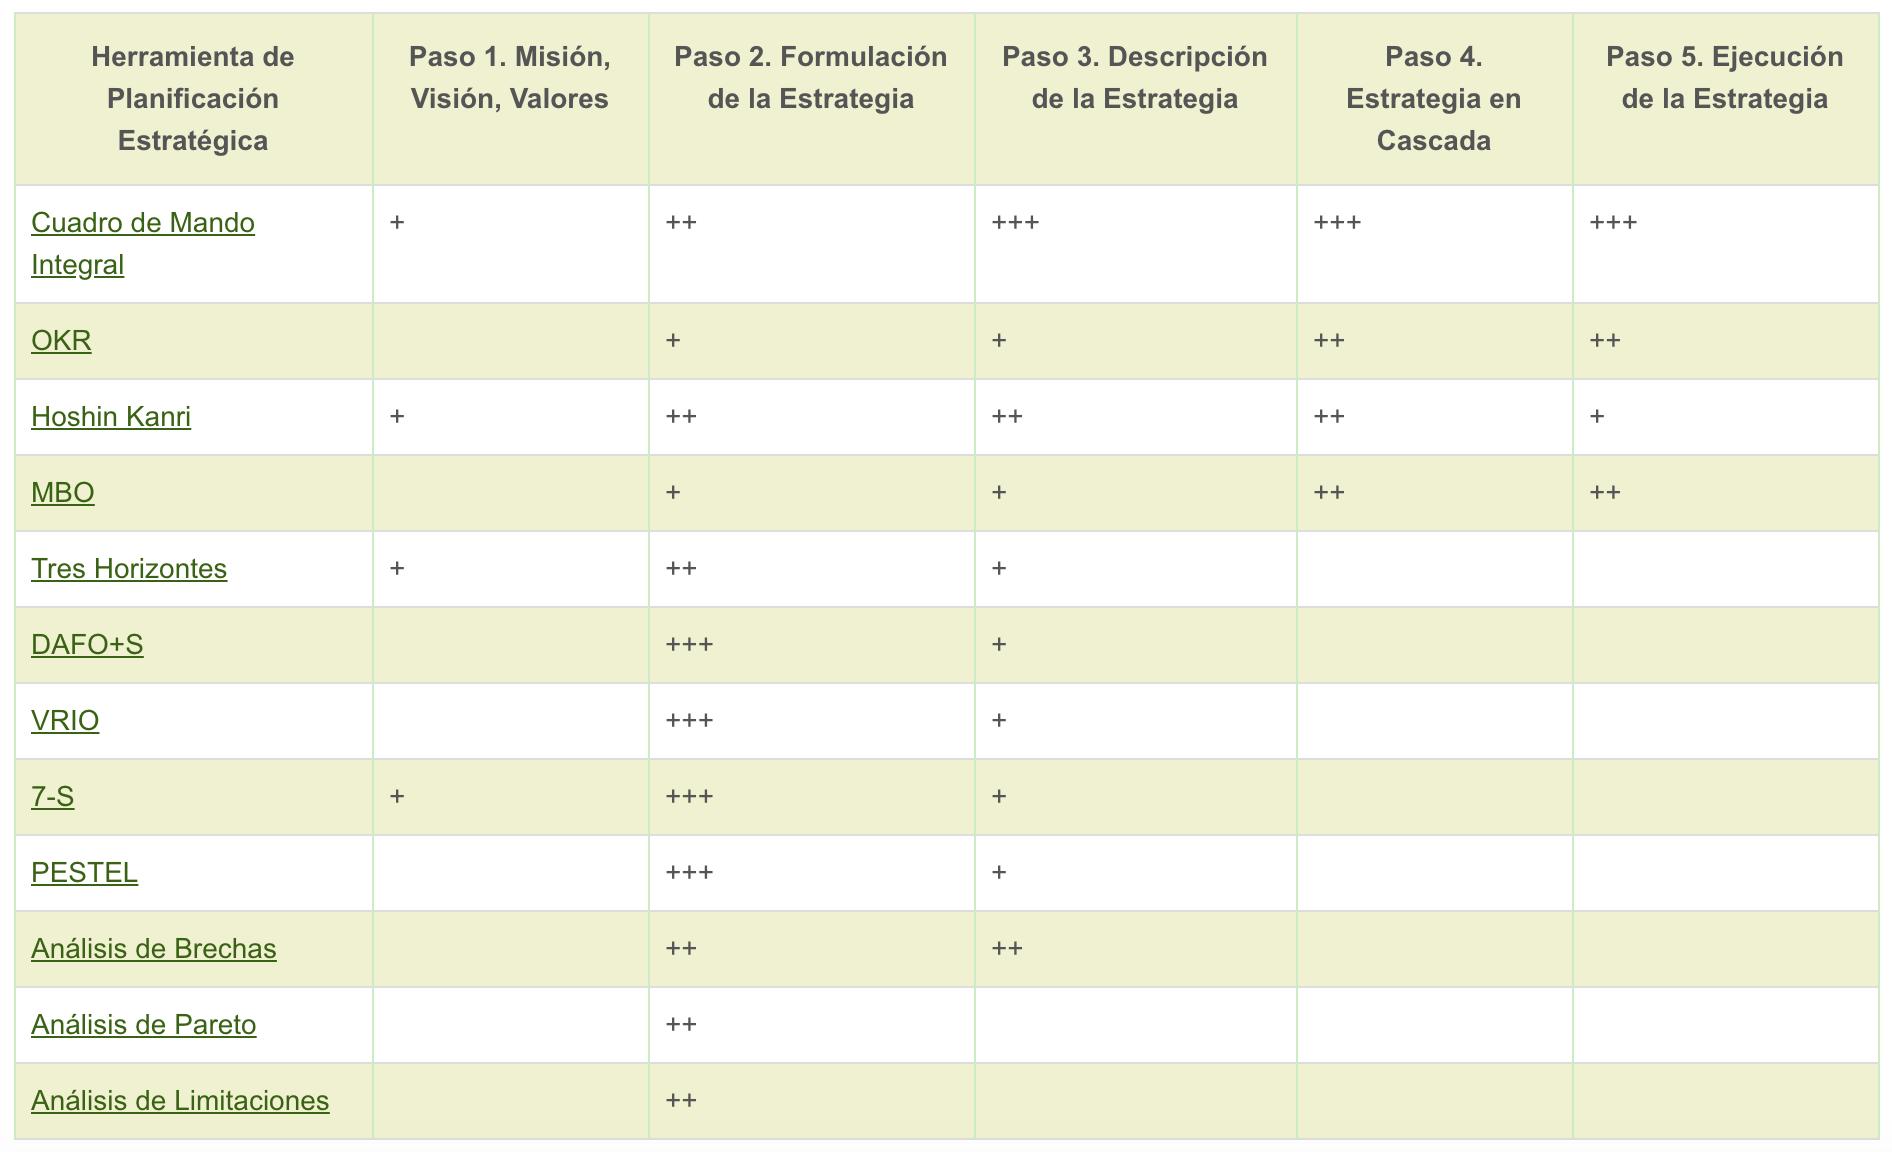 Tabla comparativa de marcos de planificación estratégica